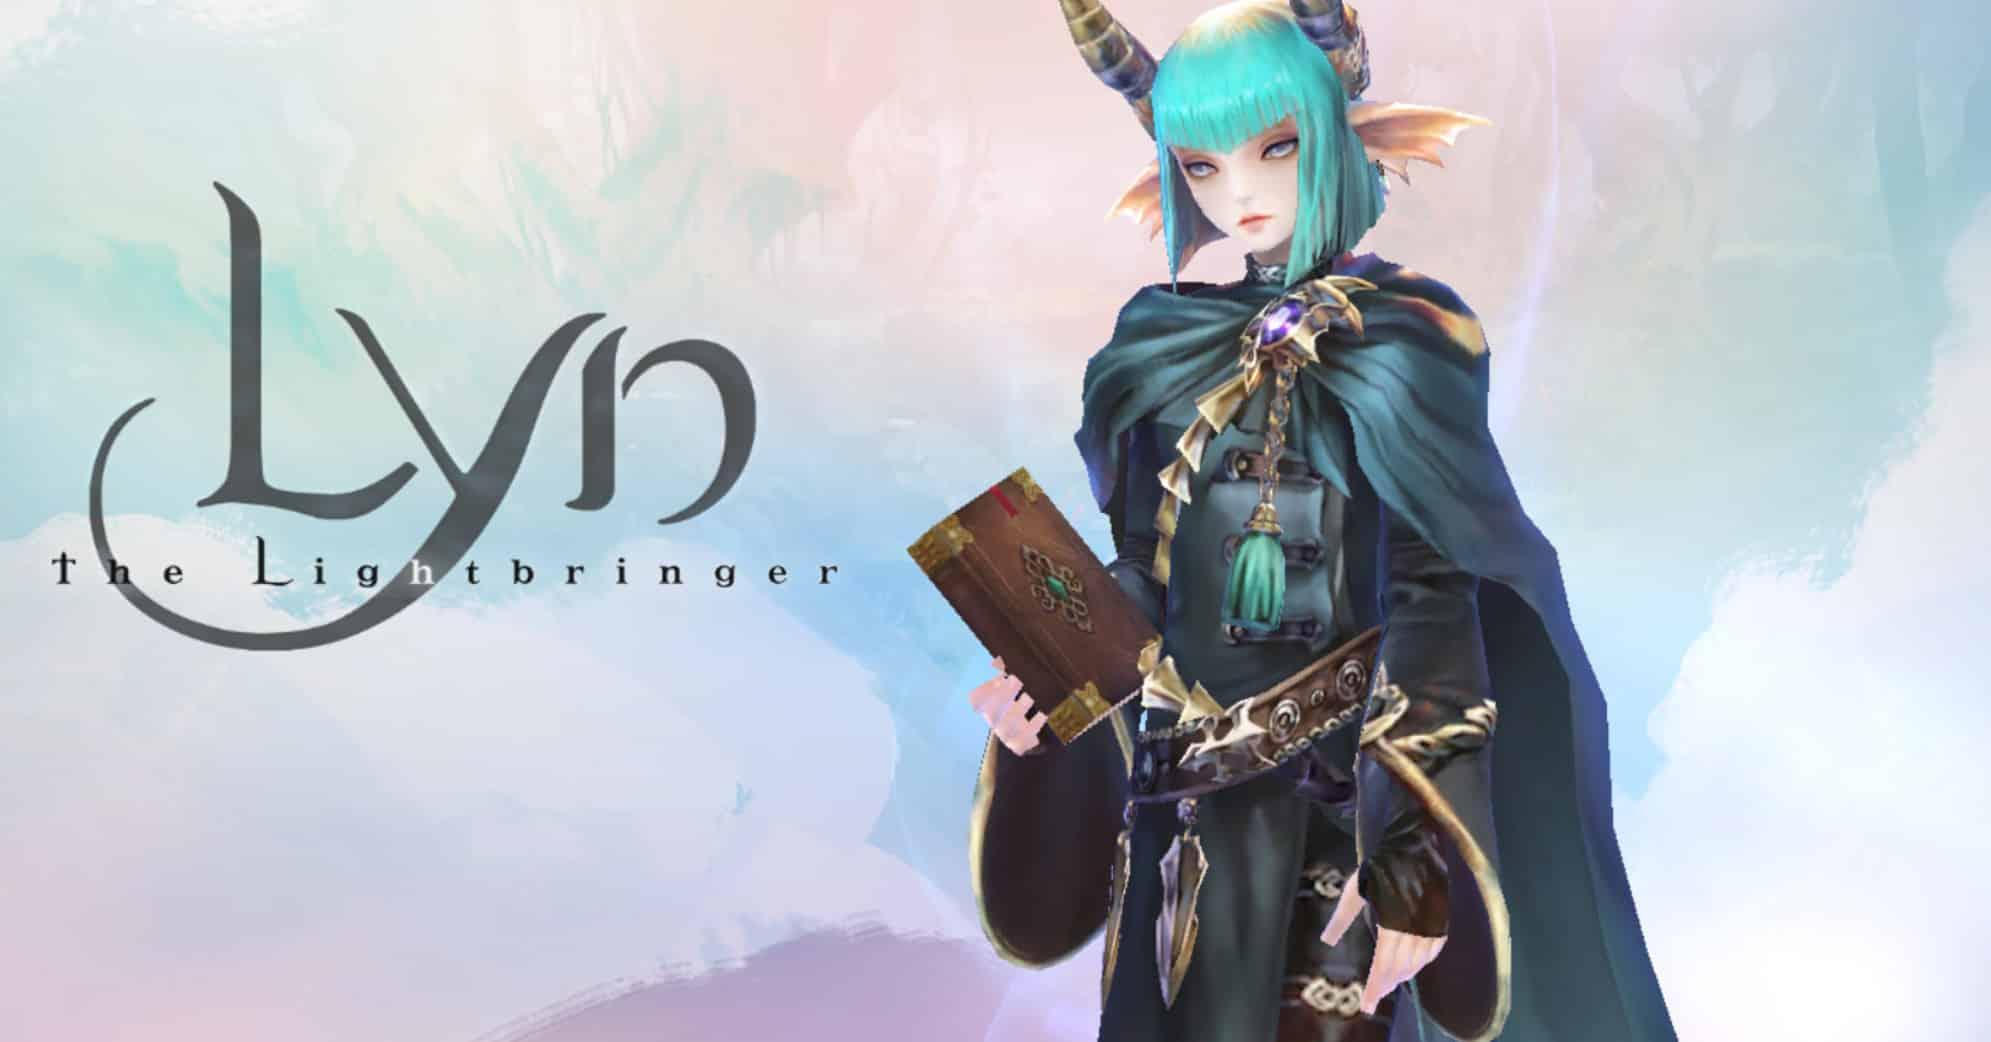 Lyn: The Lightbringer - June 2...